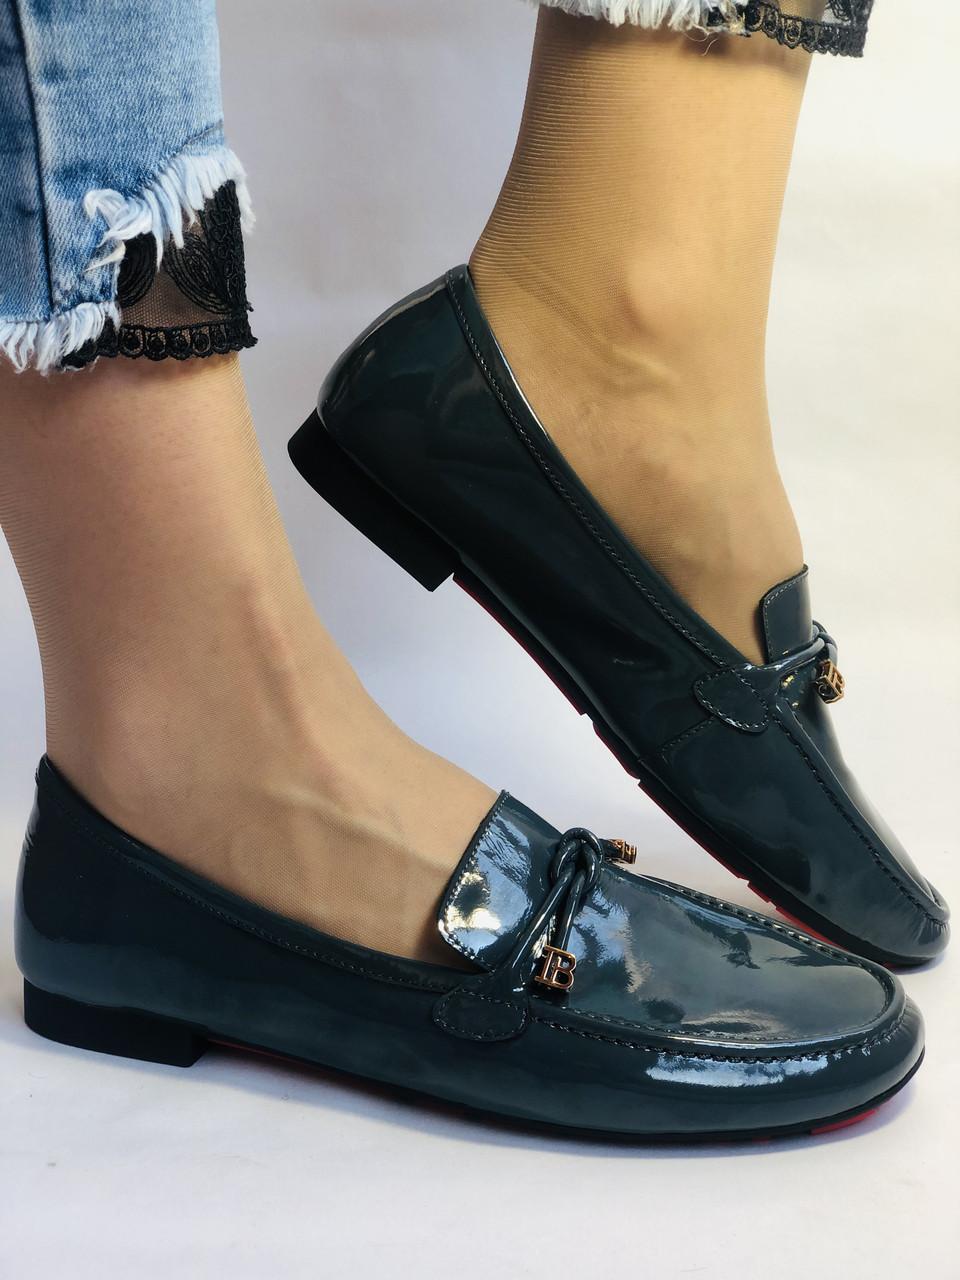 Стильные женские синие туфли-мокасины . Натуральная лакированная  кожа. 37